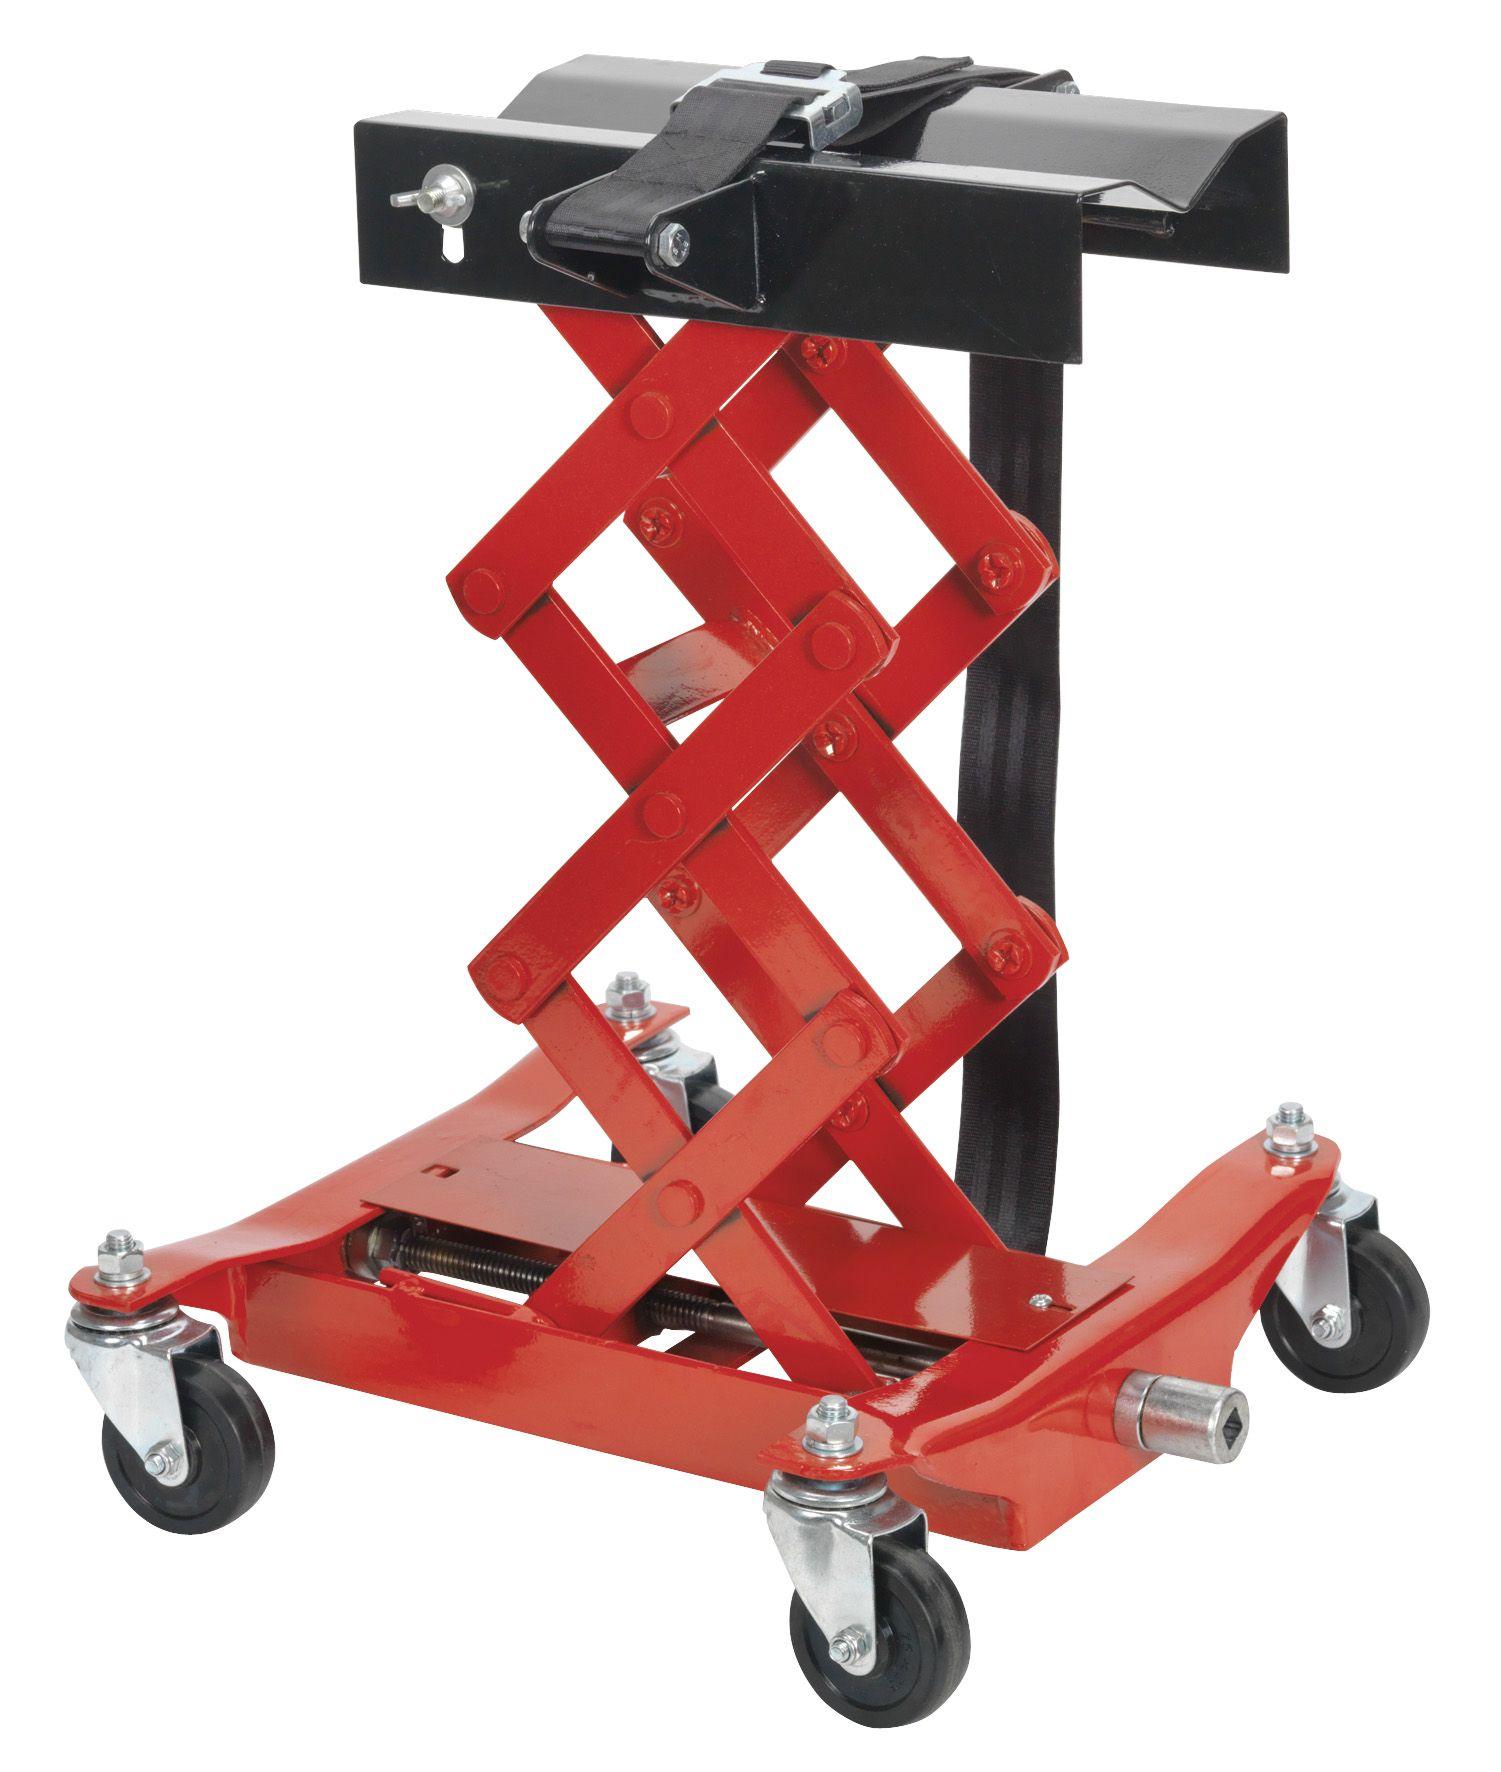 Sealey Premier Floor Transmission Jack 150kg